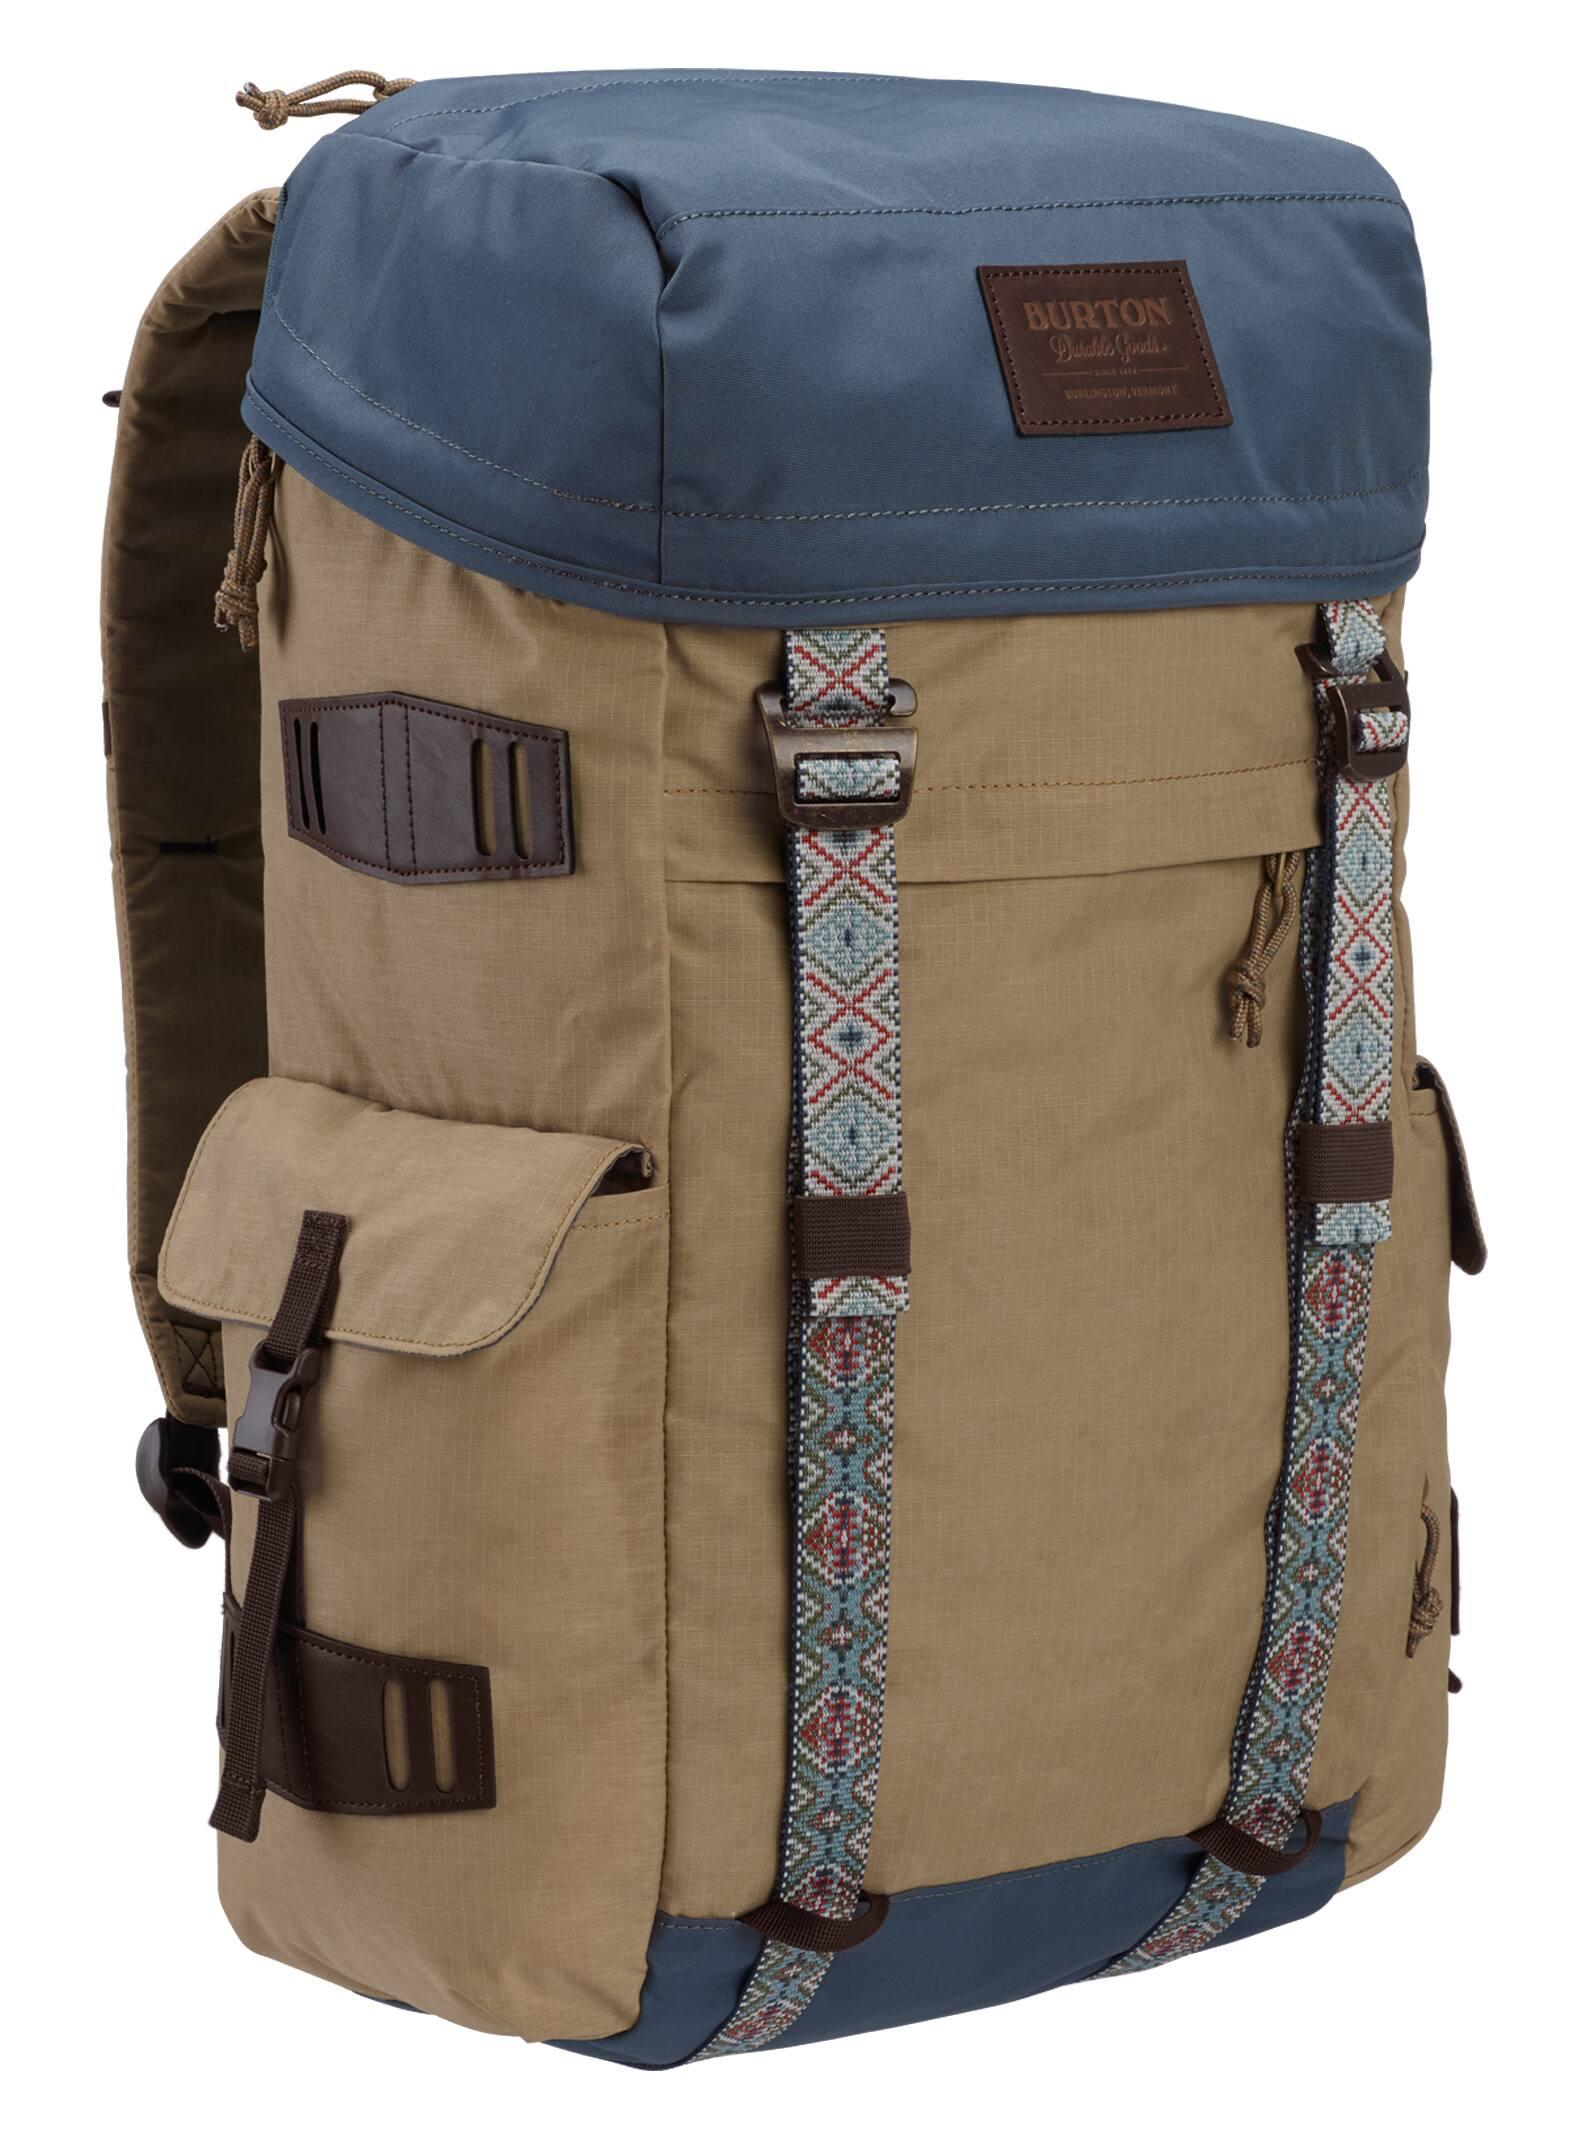 e486b1e58816e Backpacks | Burton Snowboards